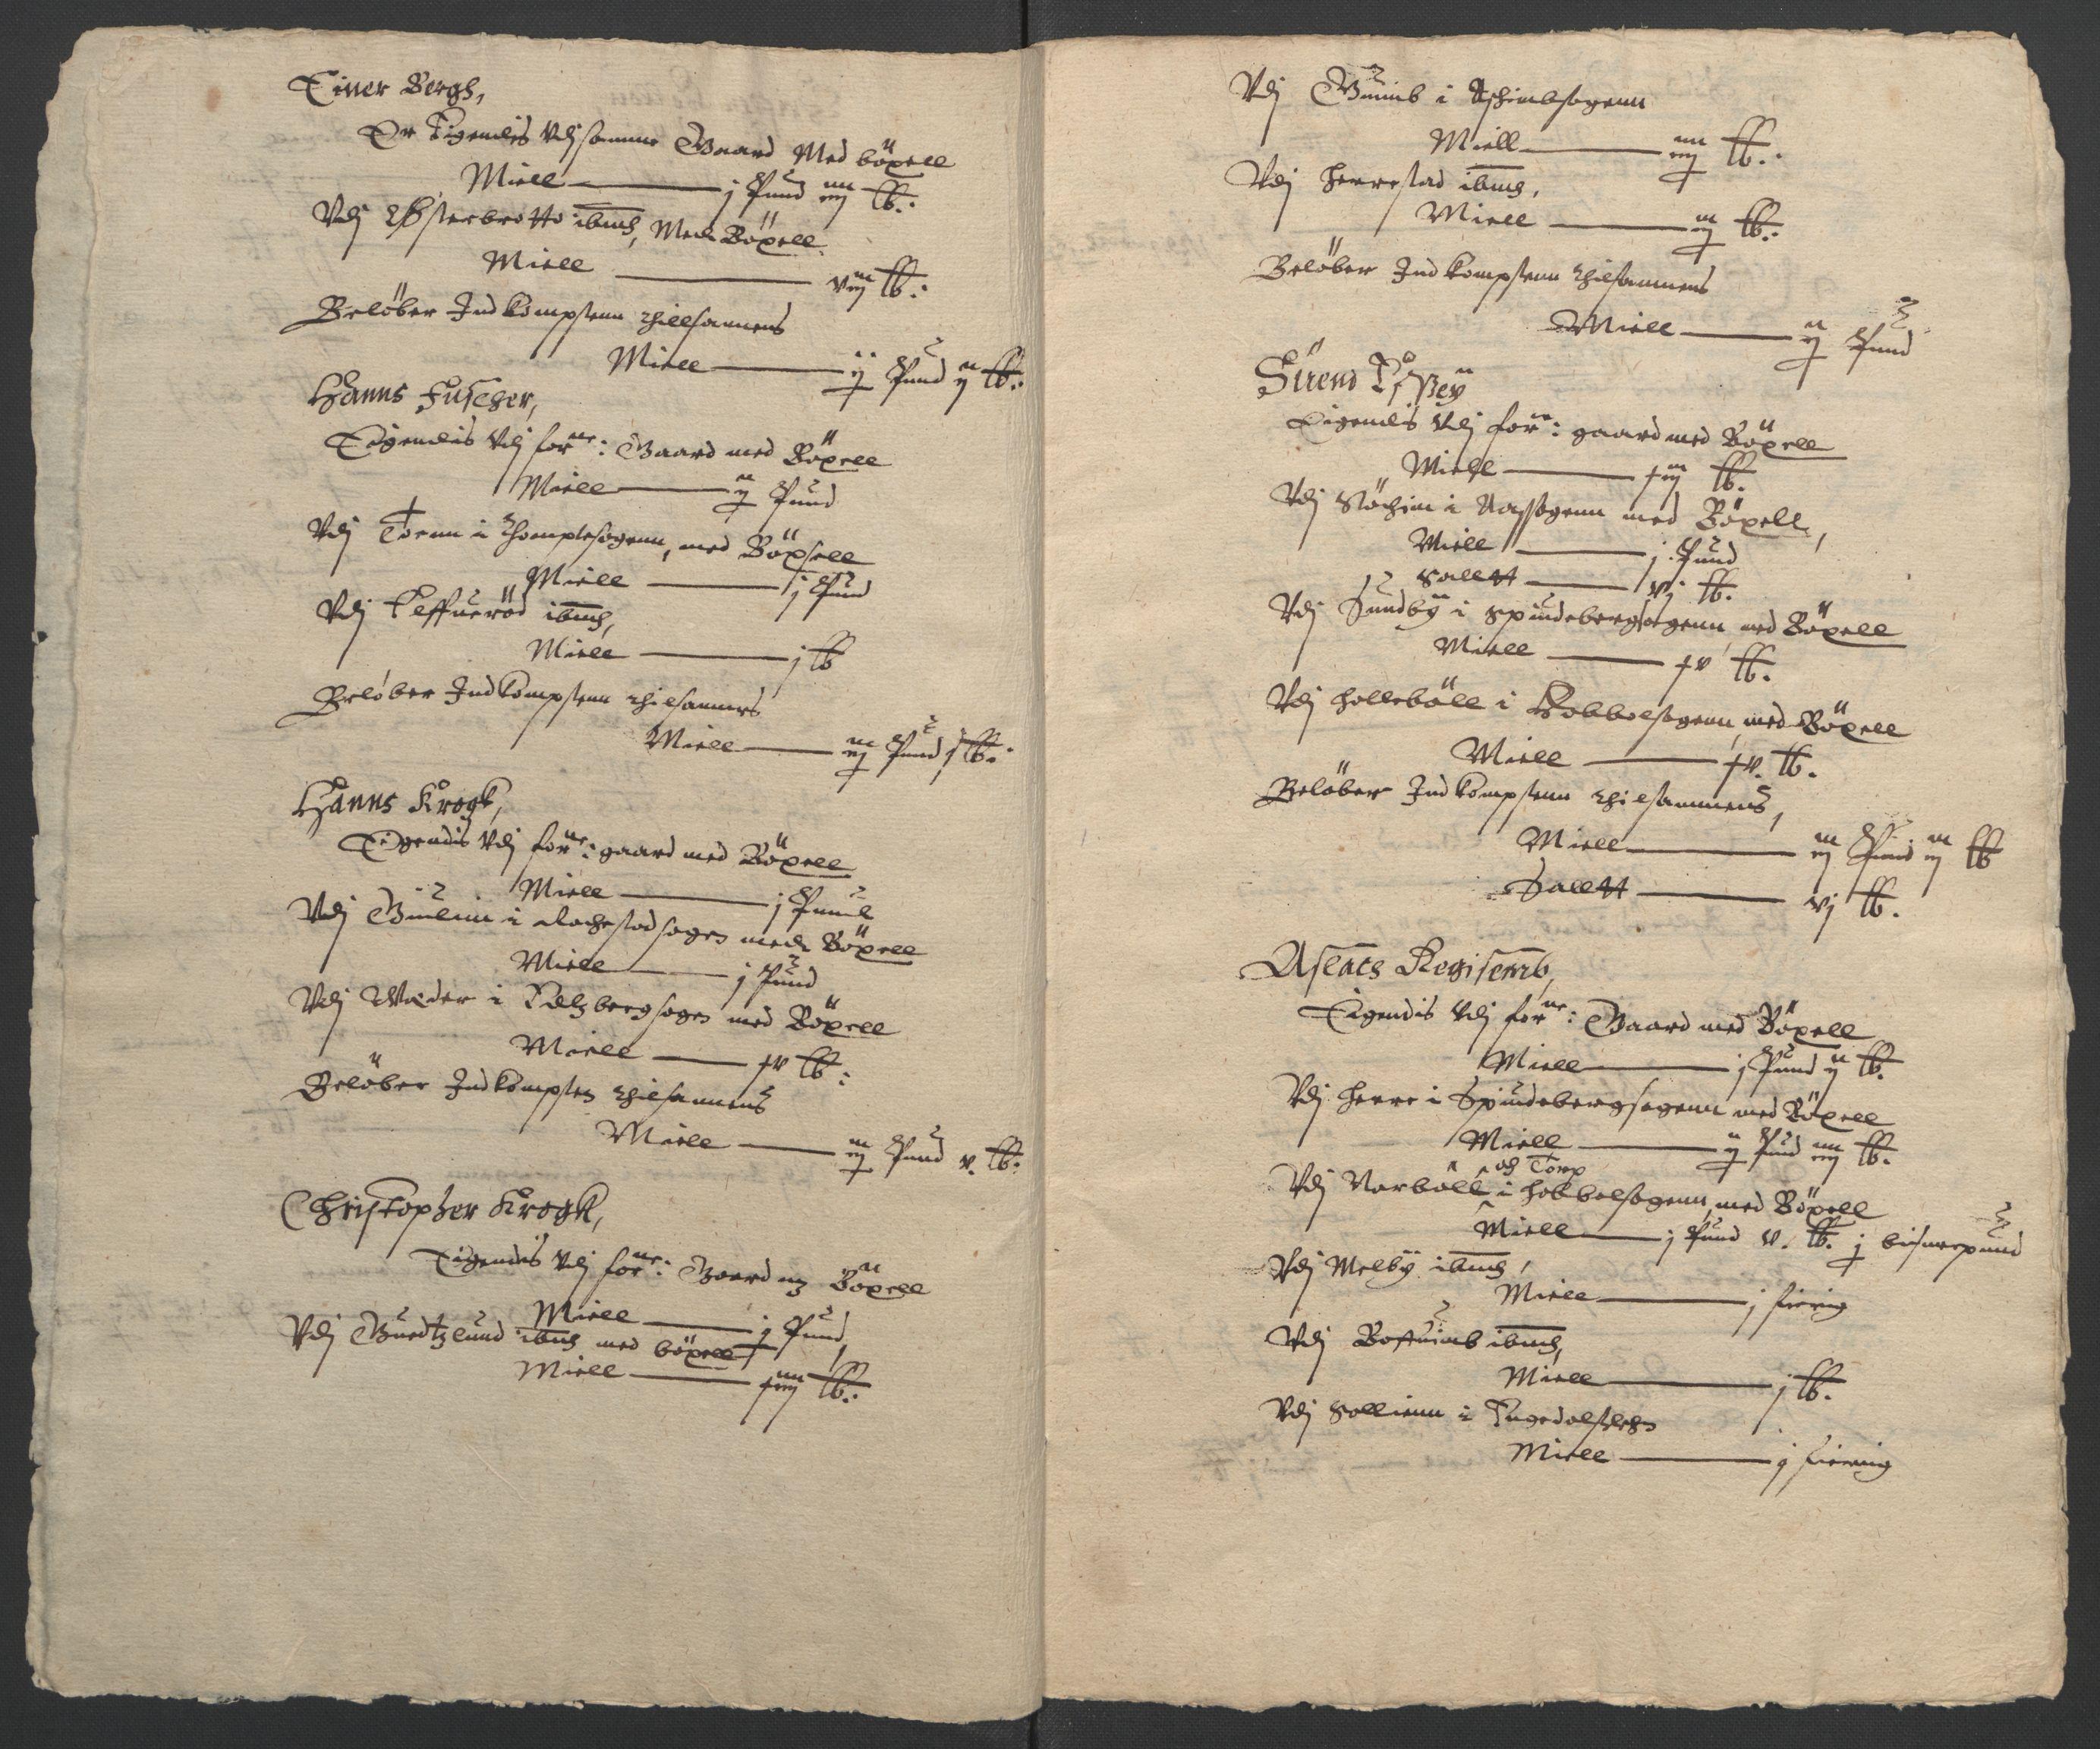 RA, Stattholderembetet 1572-1771, Ek/L0009: Jordebøker til utlikning av rosstjeneste 1624-1626:, 1624-1626, s. 24